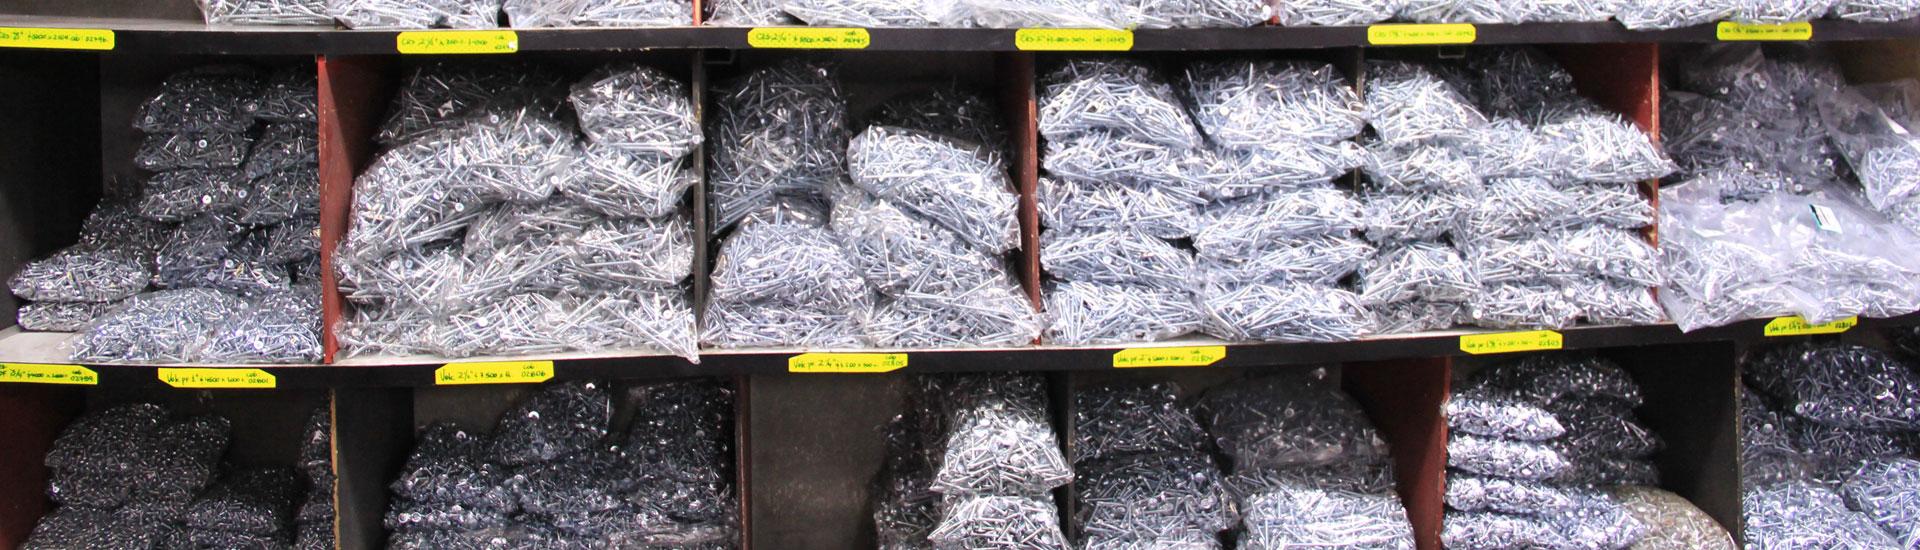 Herramientas en santiago, Ferretería Materiales en RM | Lukas Pro Dant